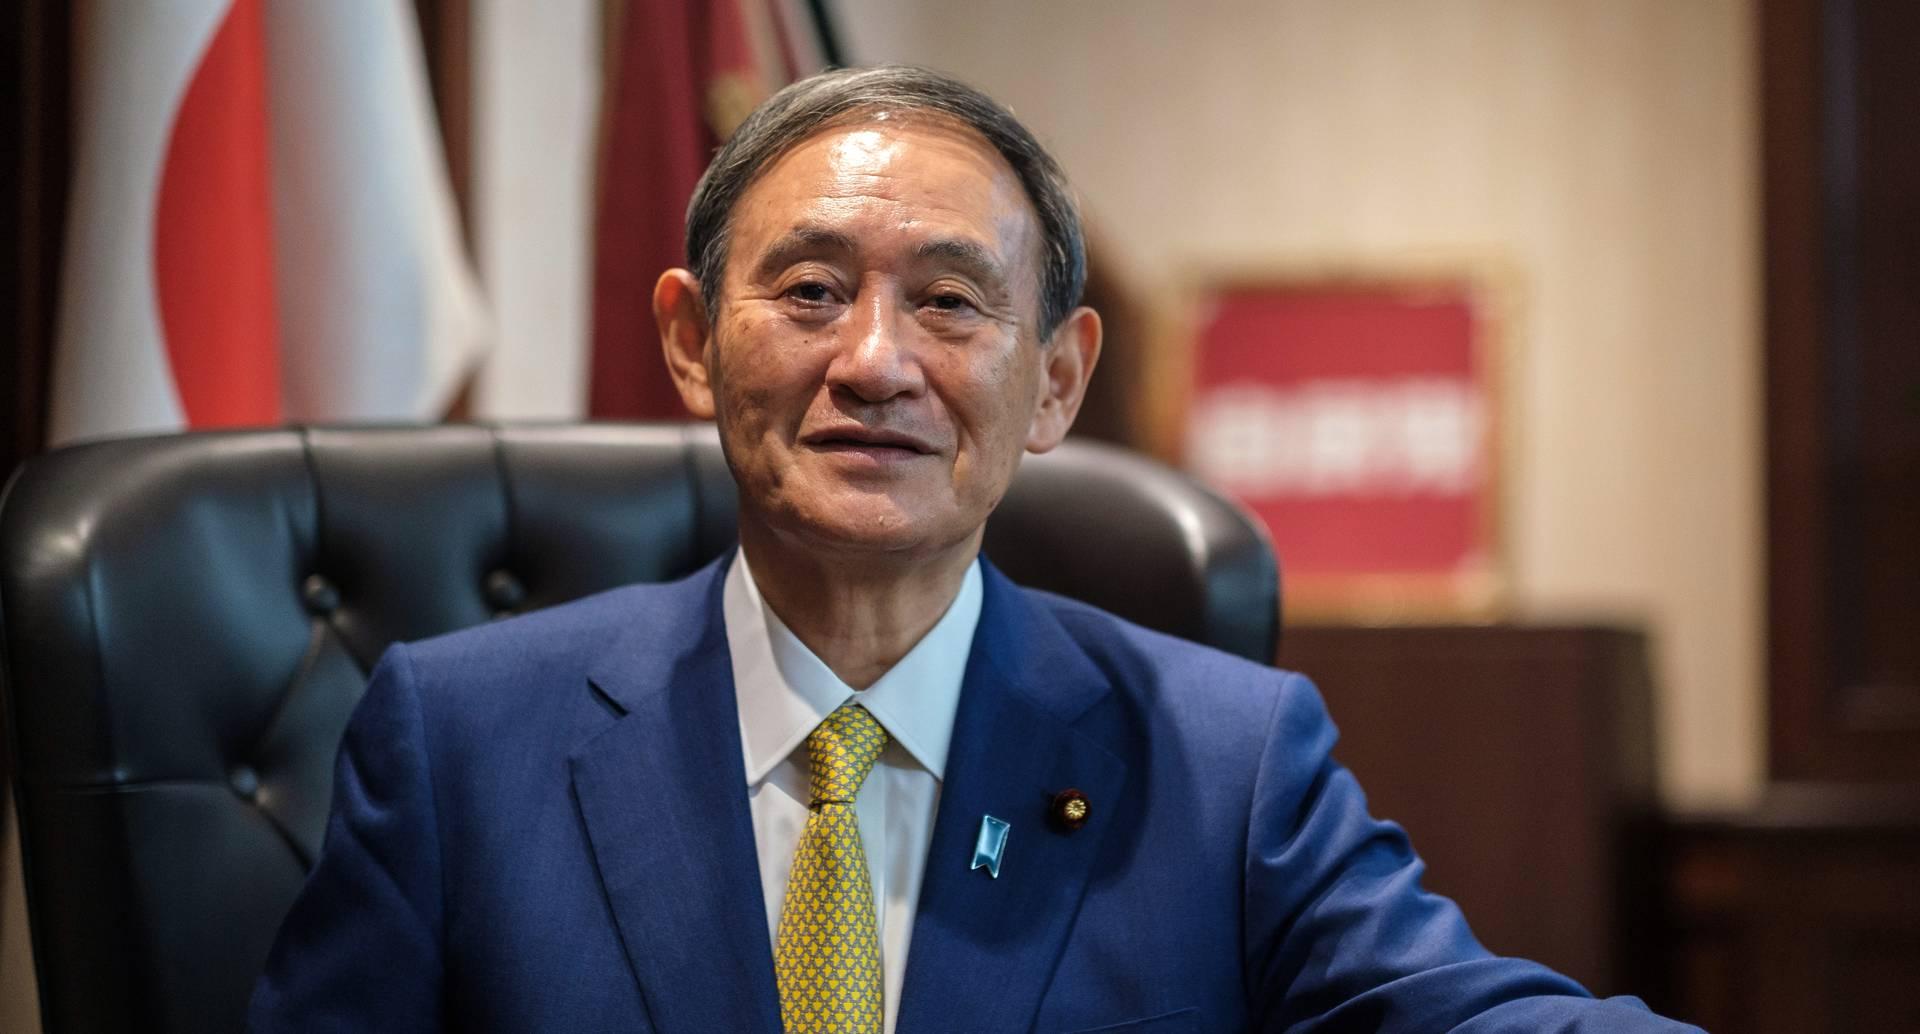 El Partido Liberal Democrático que gobierna Japón eligió por gran mayoría a Yoshihide Suga como su líder.